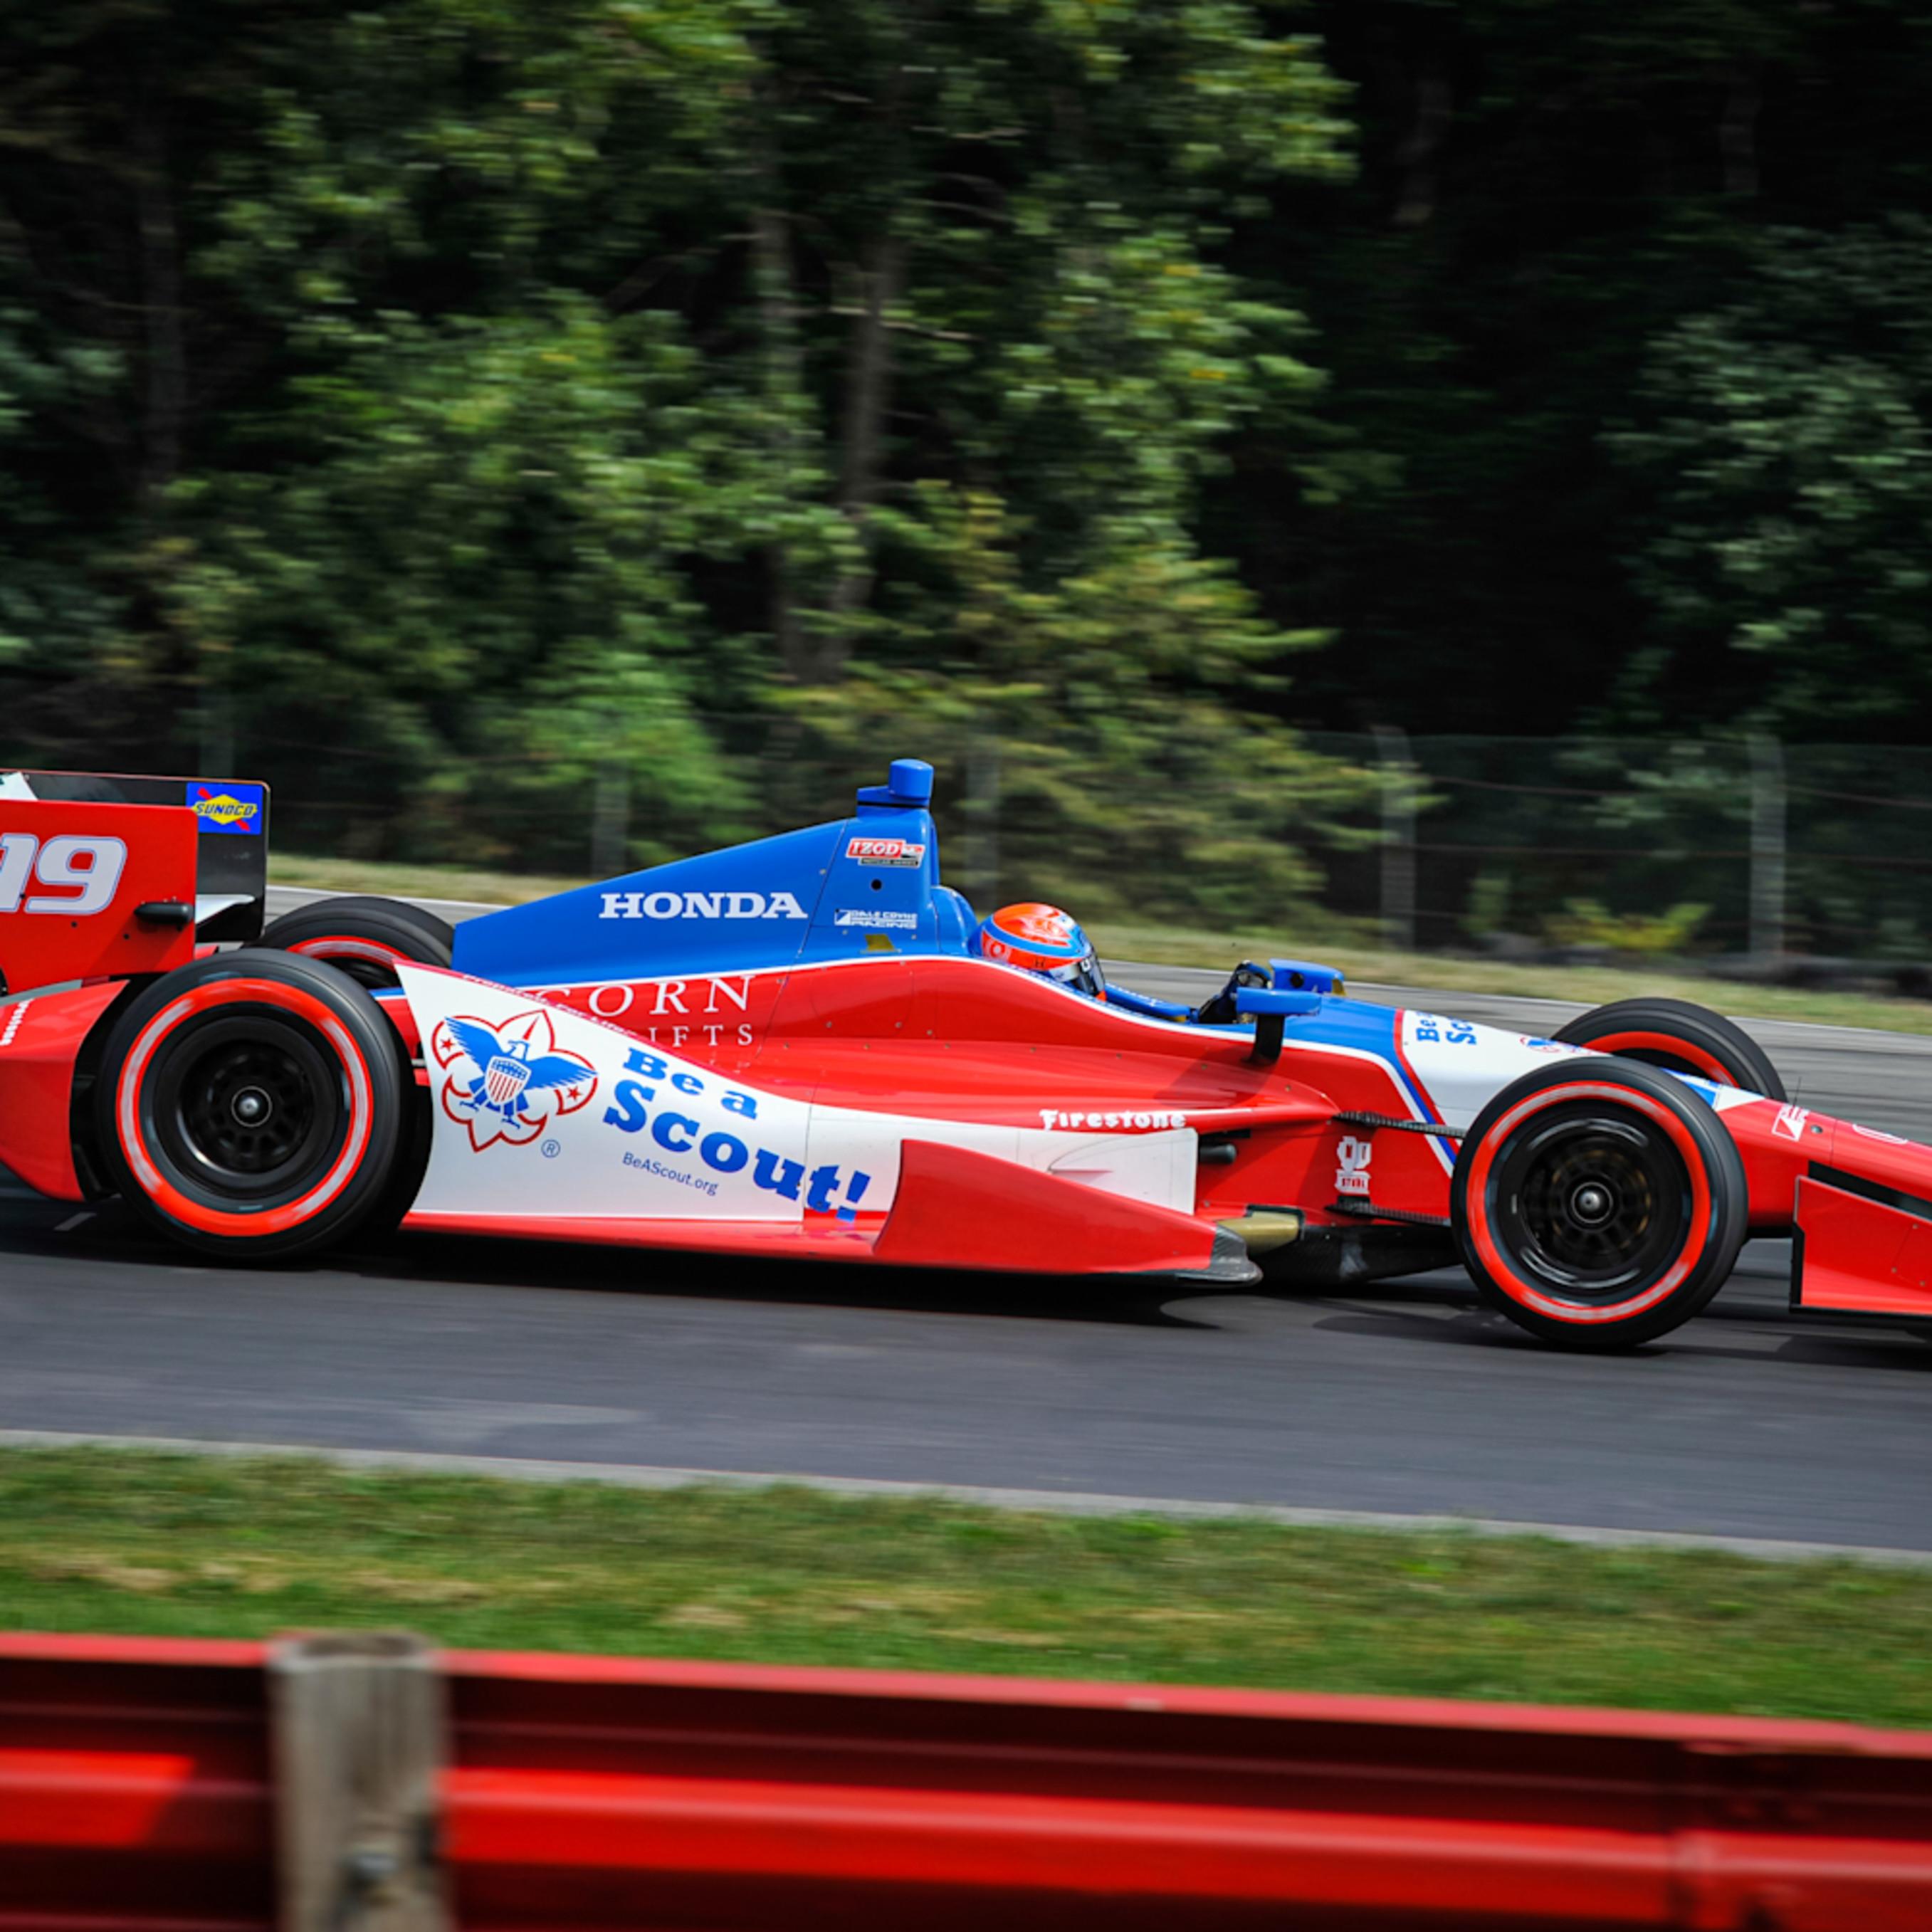 Boy scouts formula 1 car bzbf6t